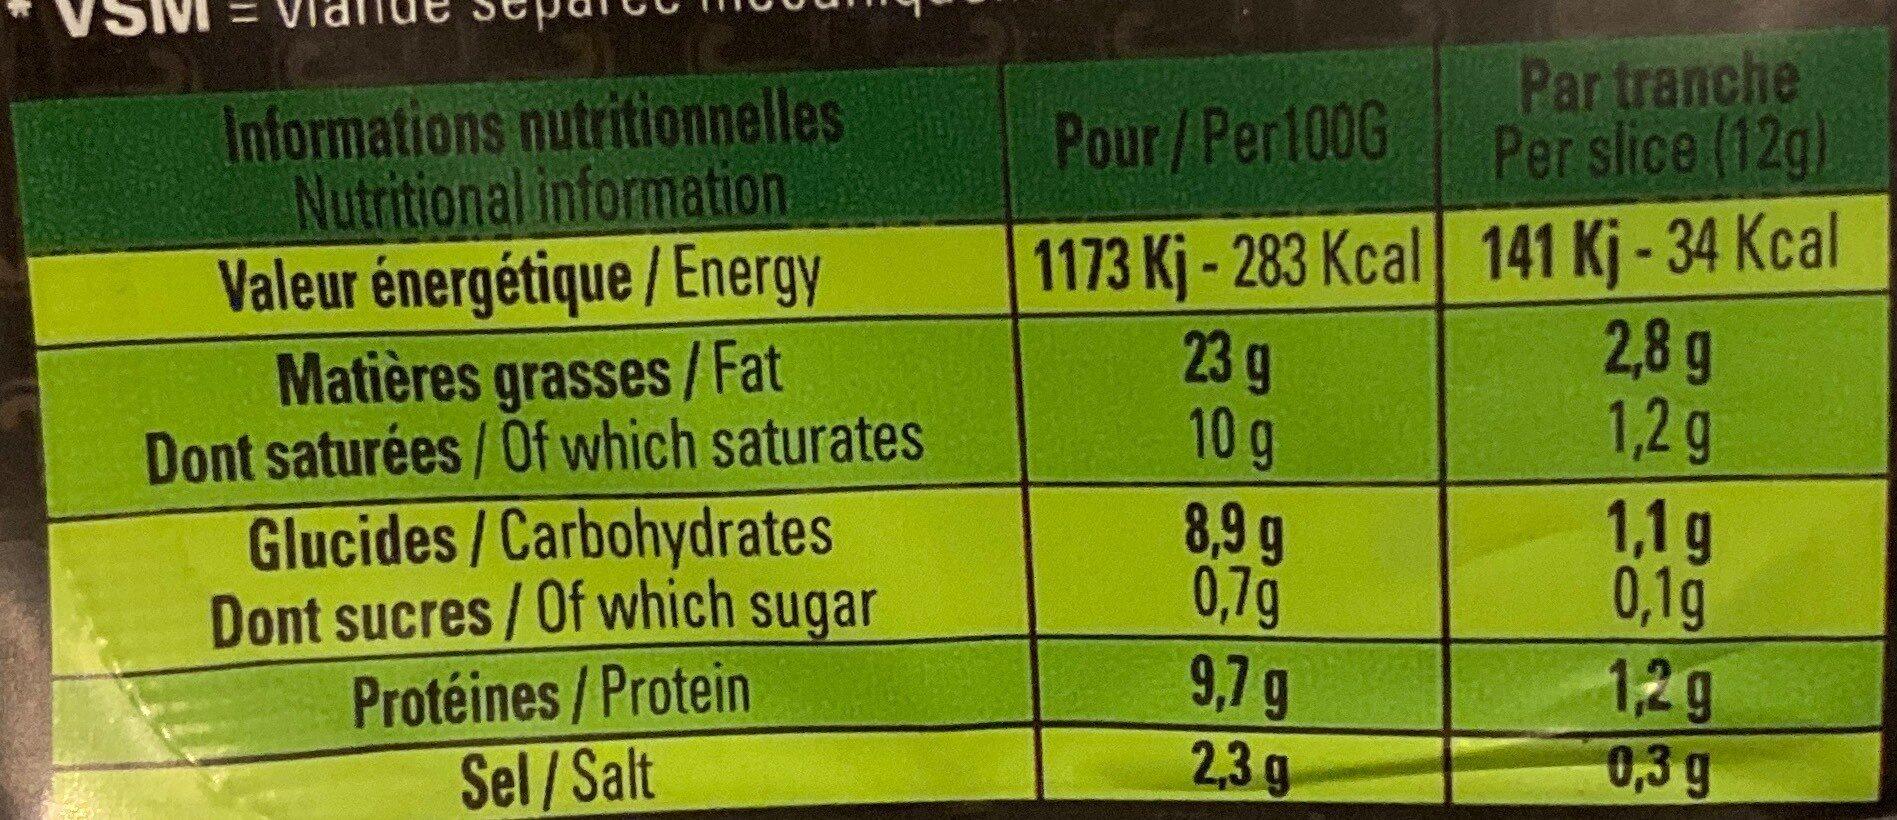 Roulade de bœuf halal fumée Isla - Nutrition facts - fr